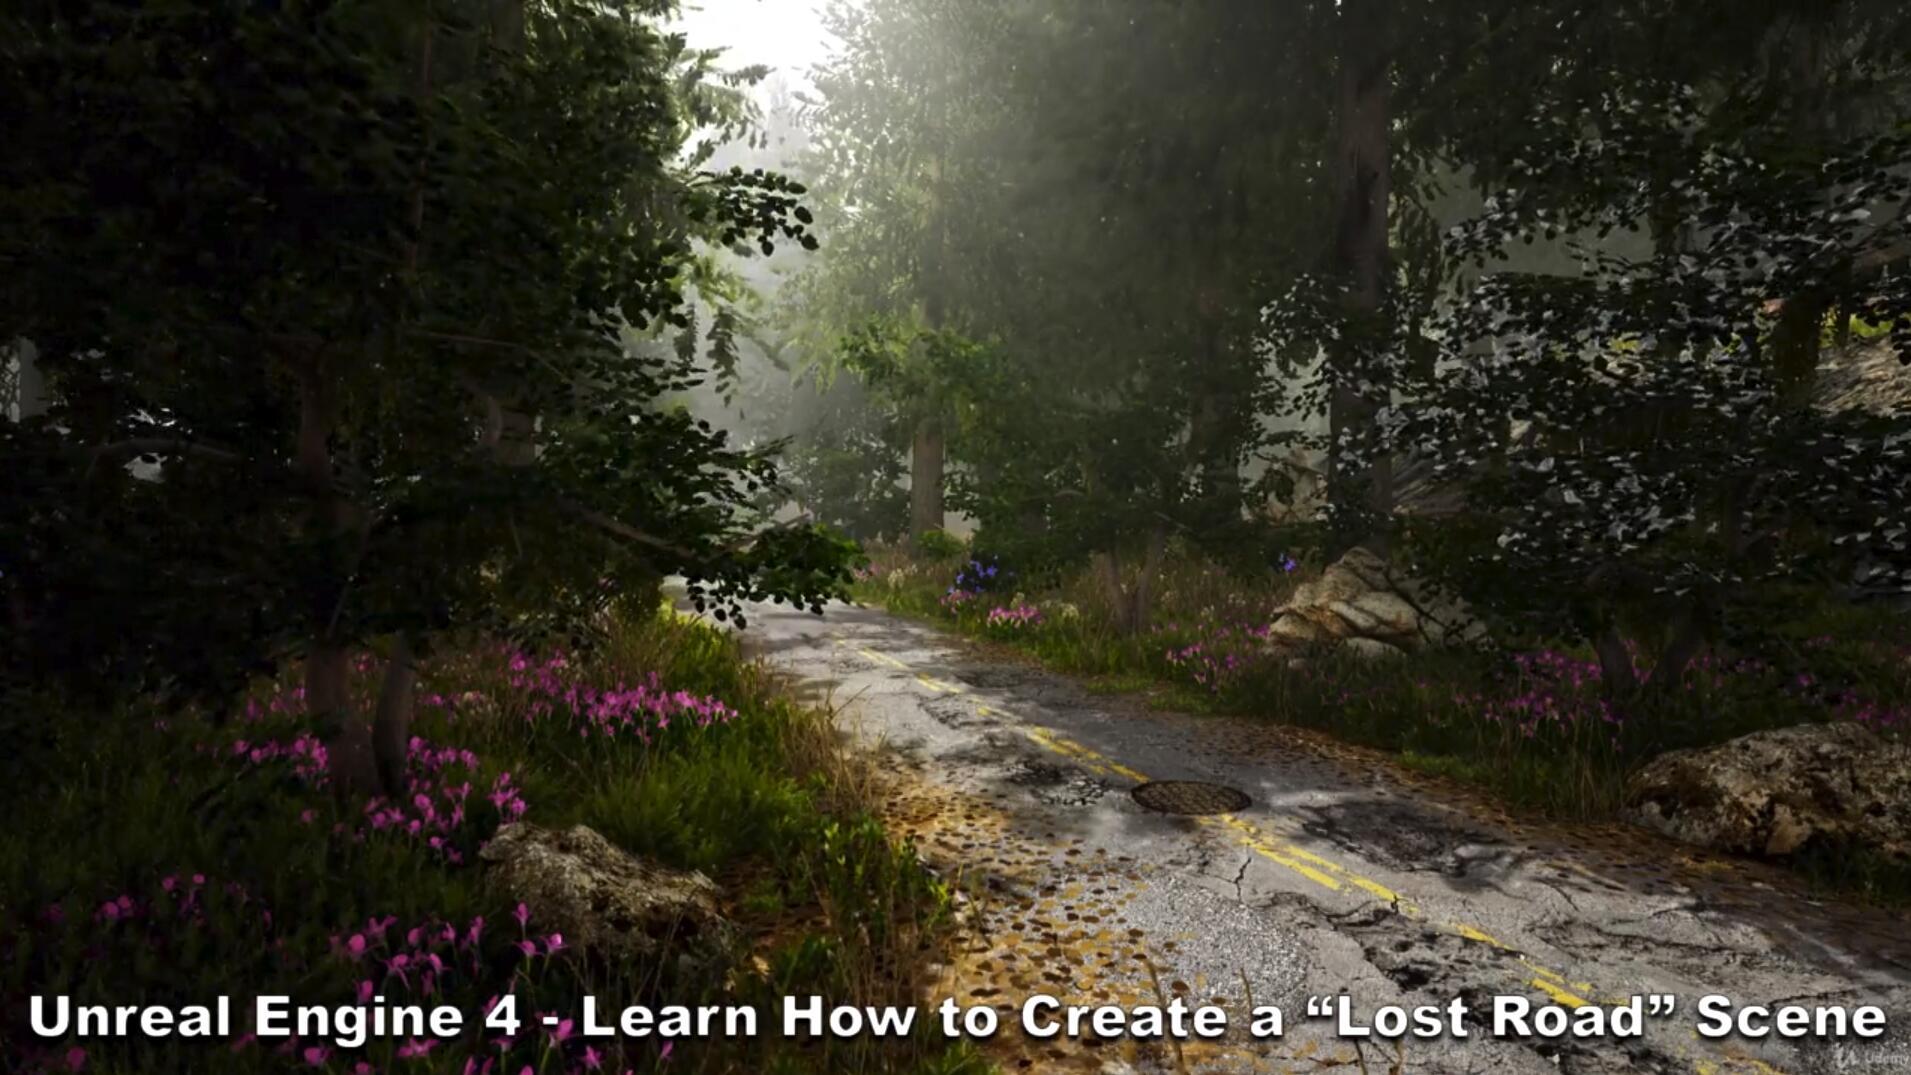 agancg_UE4教程_Lost-Road_scene_index